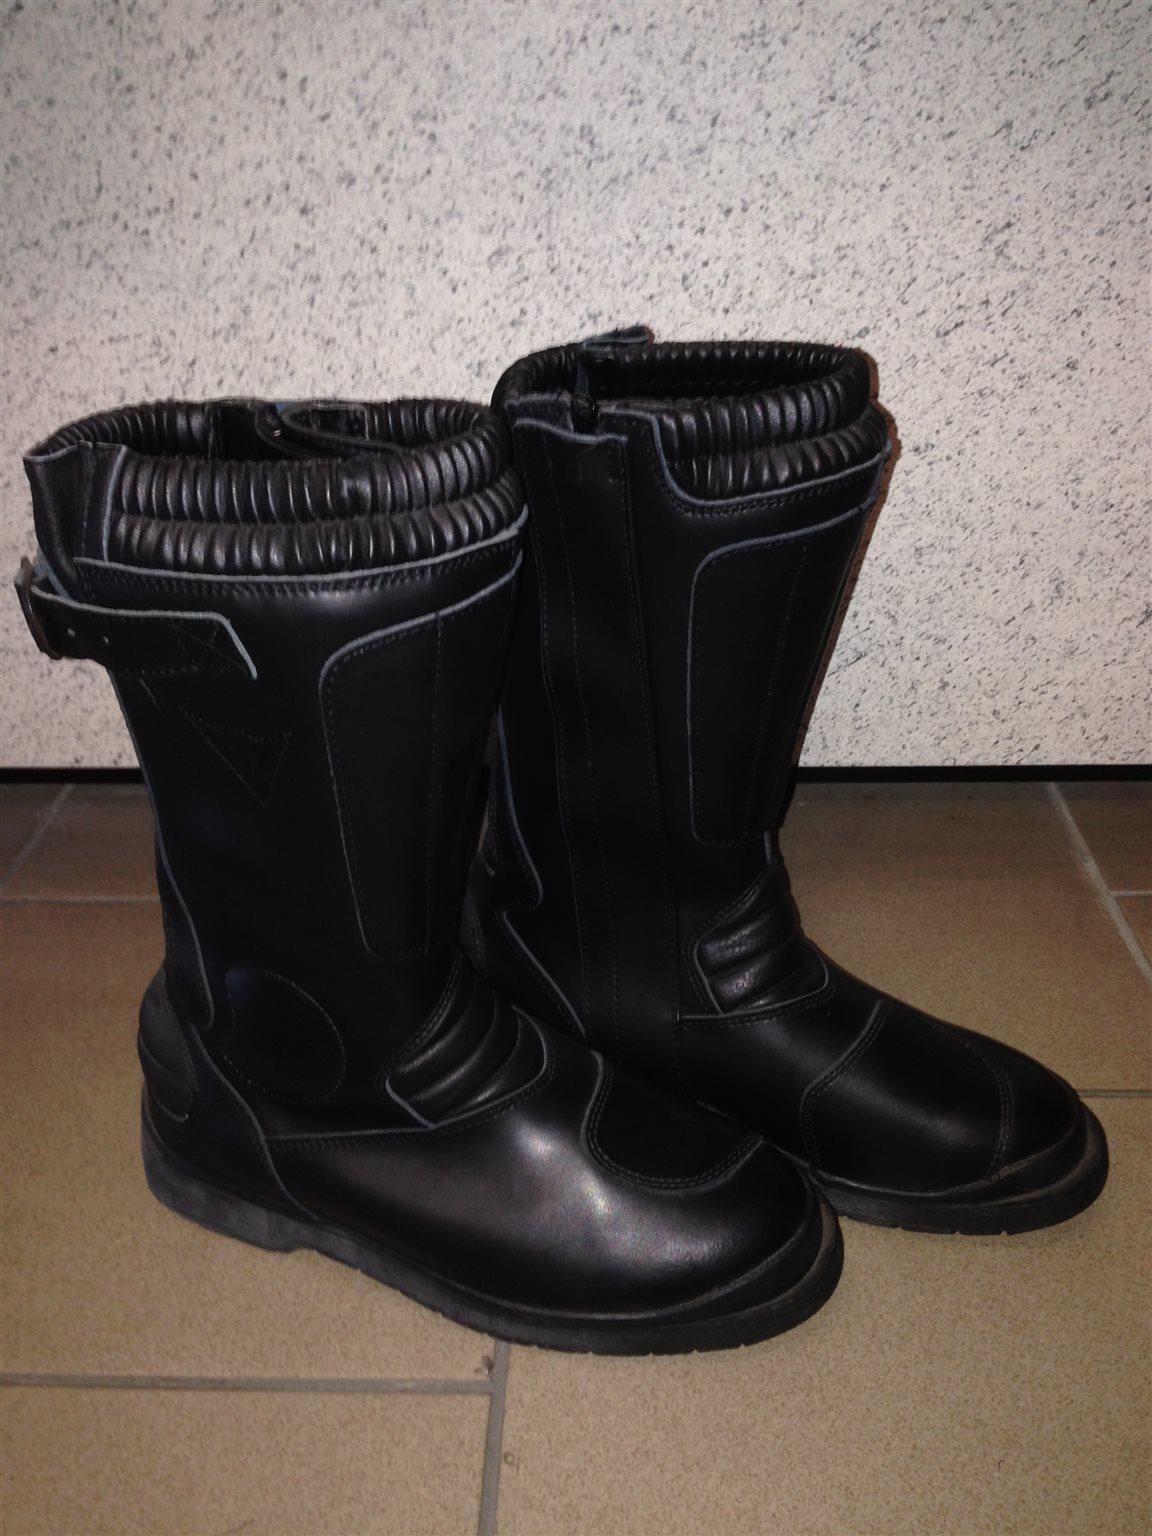 Arbeitskleidung & -schutz Fein Gummistiefel S5 Stahlkappe Arbeitsstiefel Sicherheitsstiefel Gr,42 Pvc